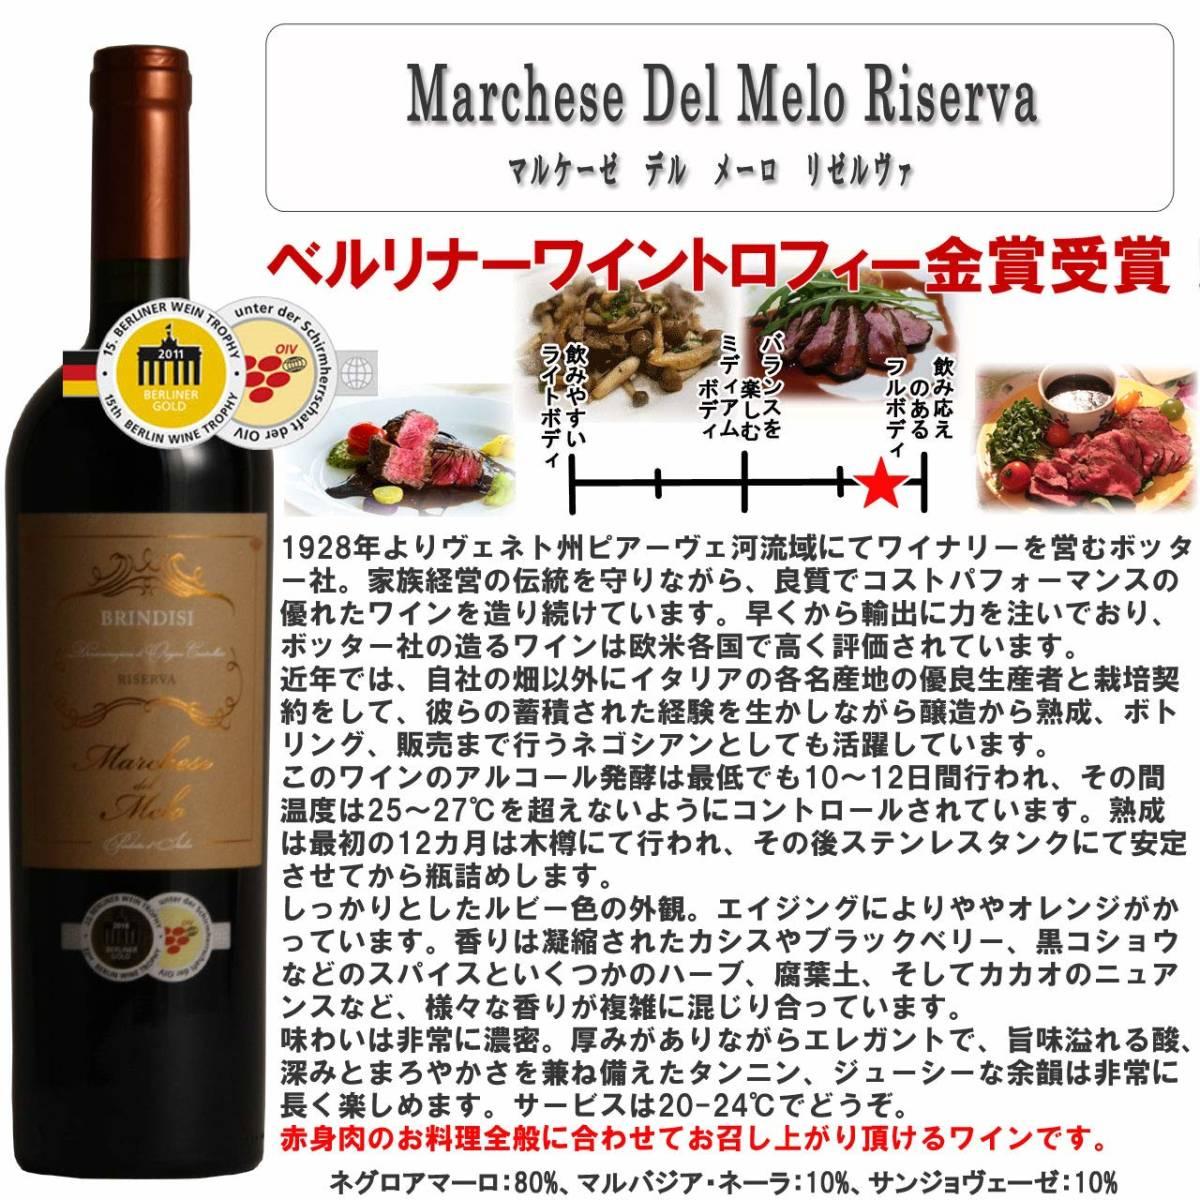 厳選イタリア赤ワイン イタリア名家飲み比べ ソムリエ厳選ワインセット 赤ワイン 750ml 5本_画像6